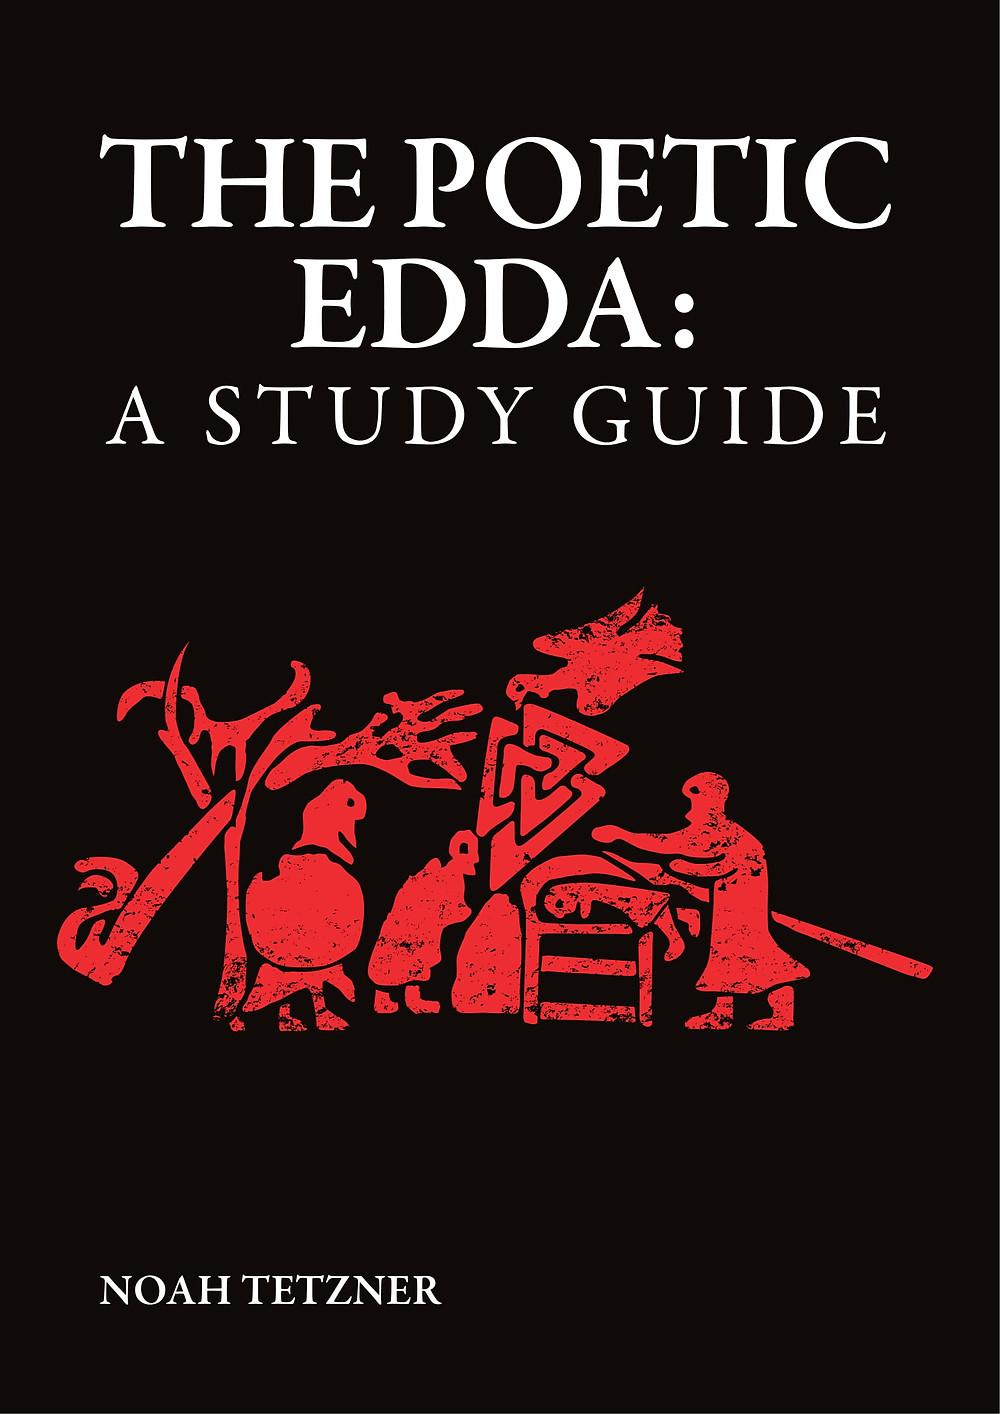 Poetic Edda cover